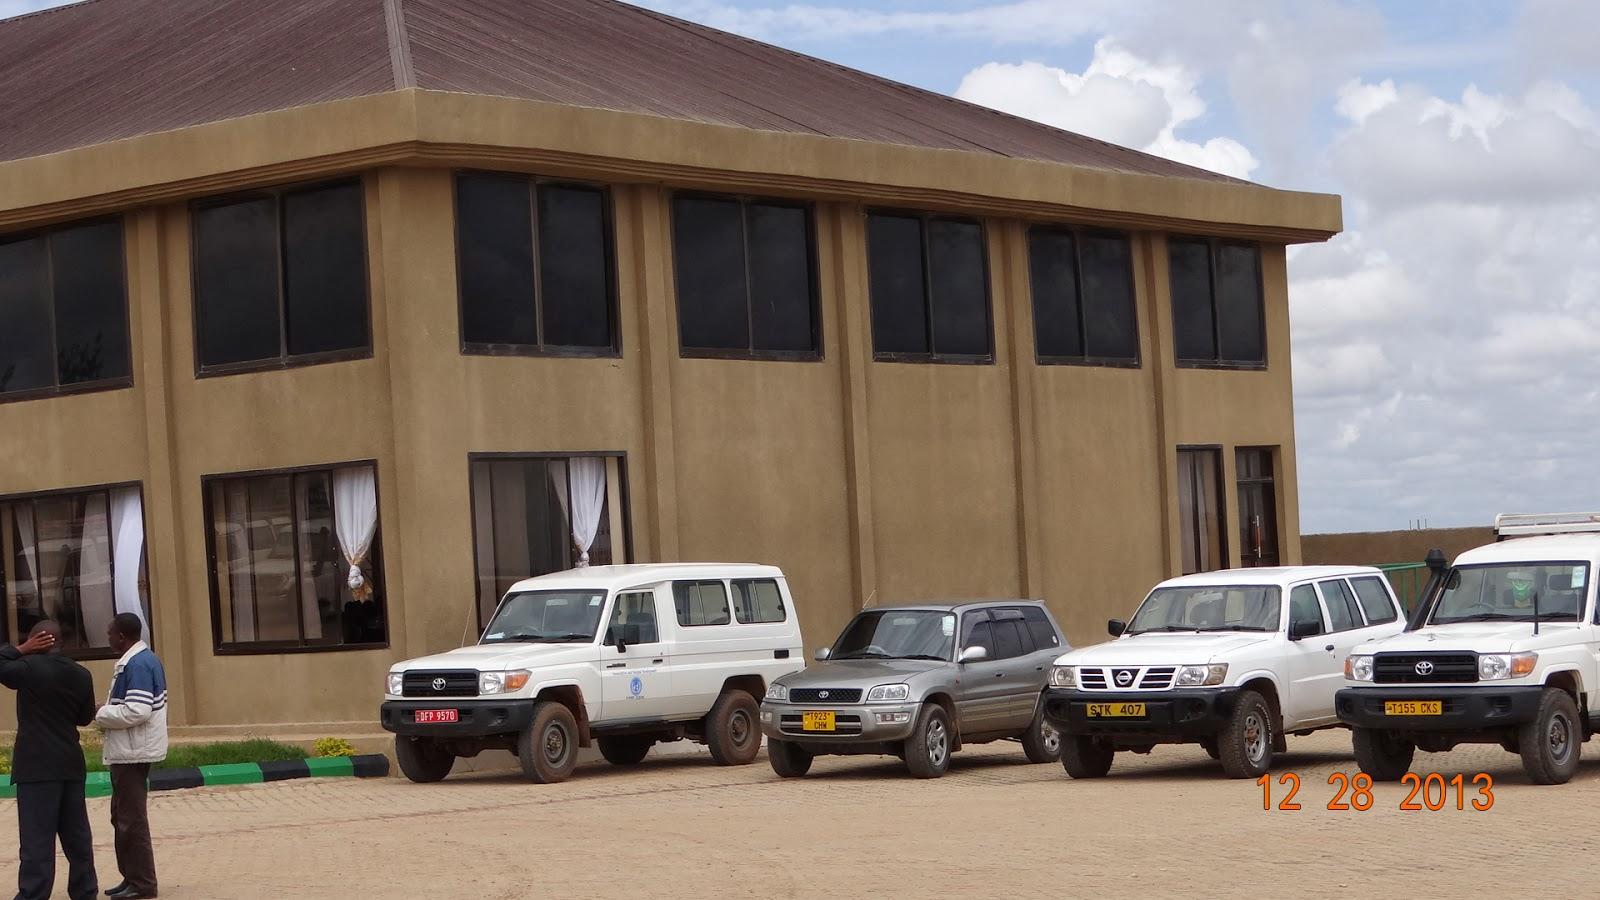 Matokeo Hayo Yametangazwa Disemba 28 Mwaka Huu Katika Ukumbi huo Mjini